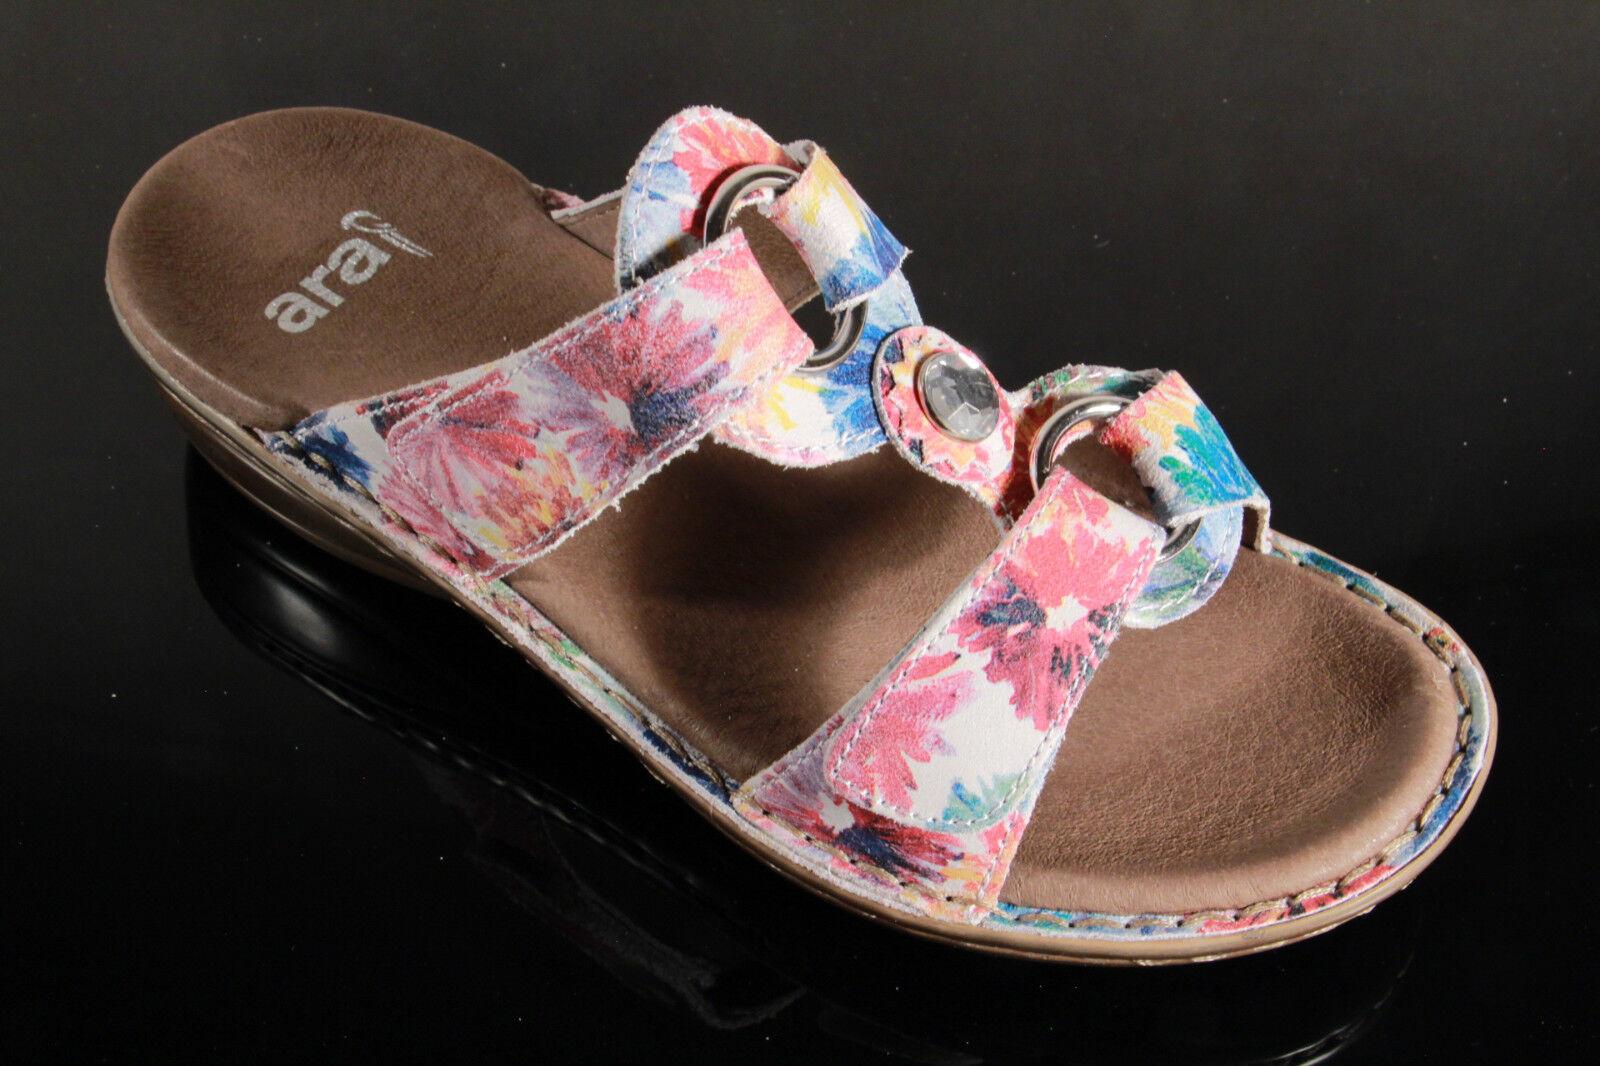 ARA Sandalias zapato abierto piel auténtica, multicolor, CIERRE ADHESIVO 27273